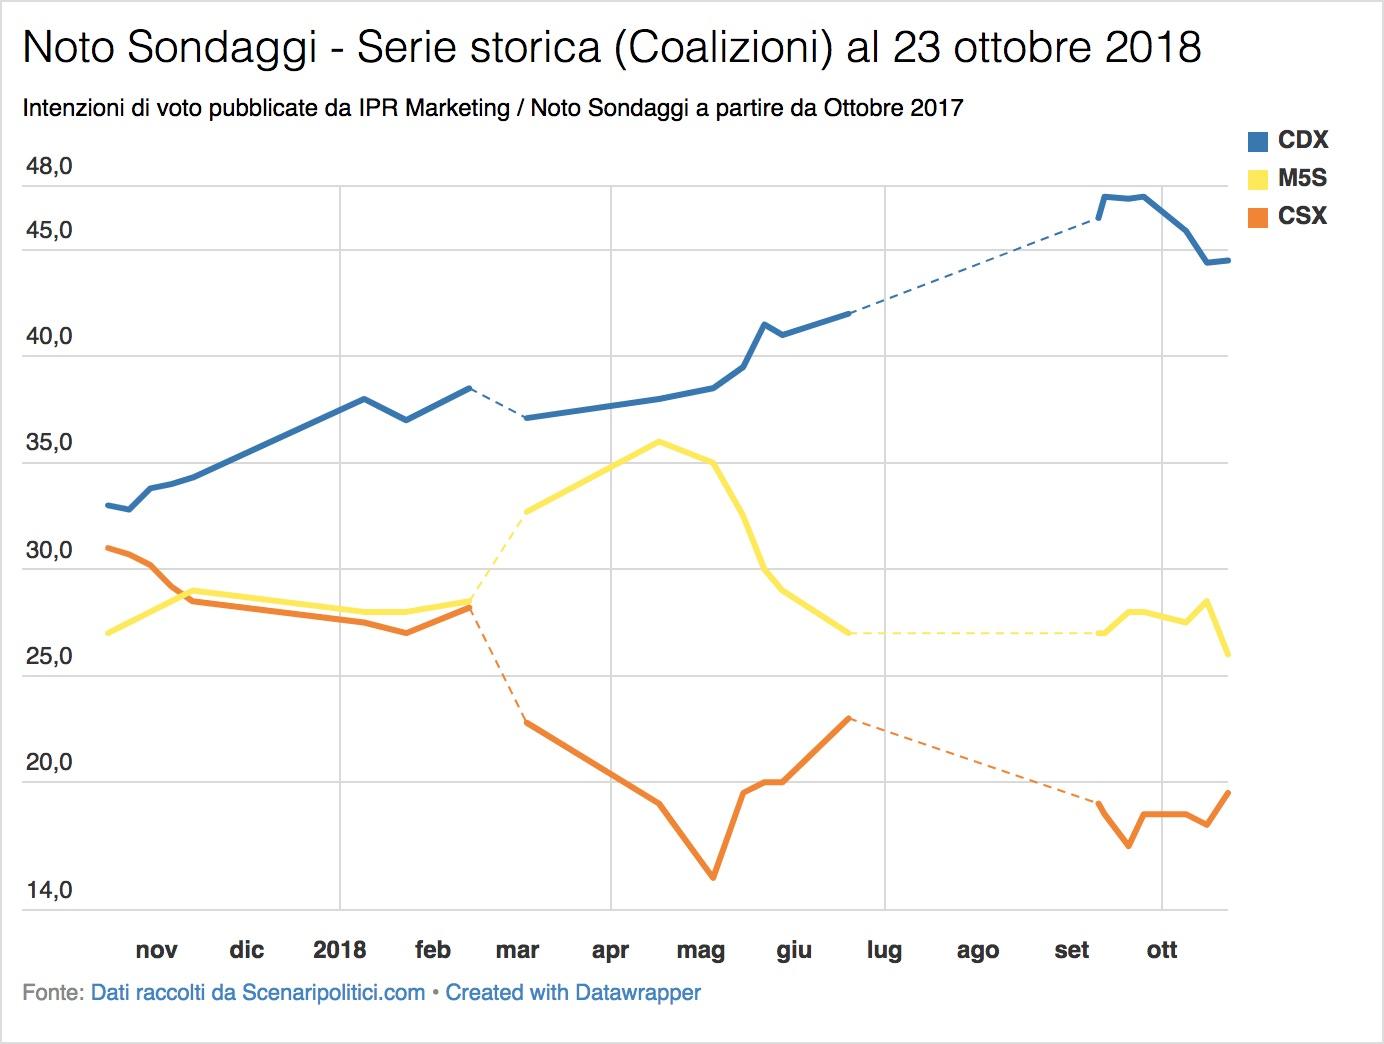 Sondaggio Noto (23 ottobre 2018)